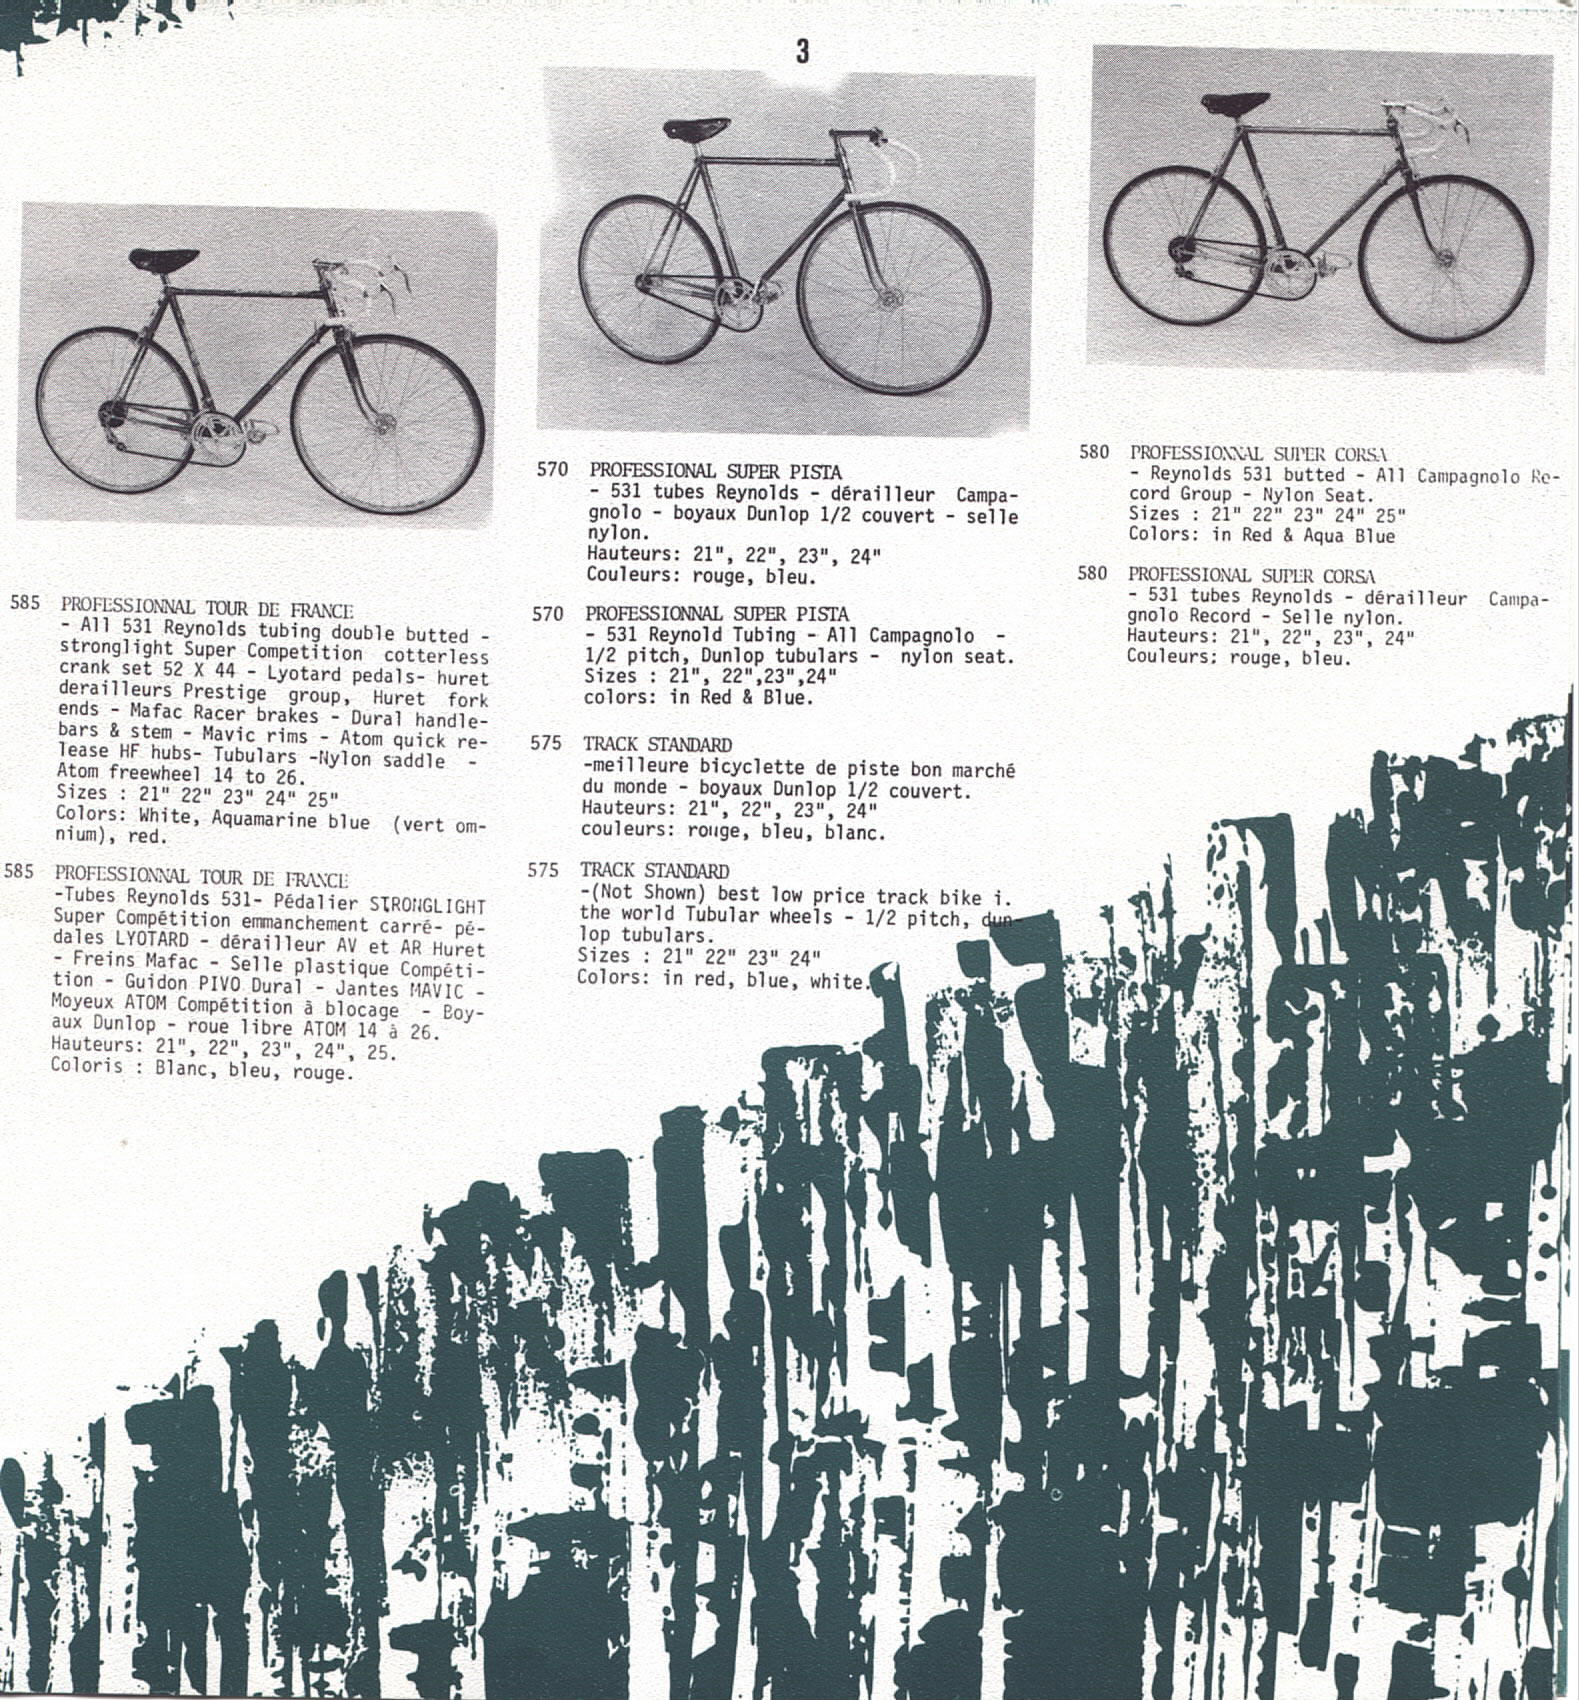 Gitane Tour de France 102 1968 3 tubes Reynolds 1968_pg3